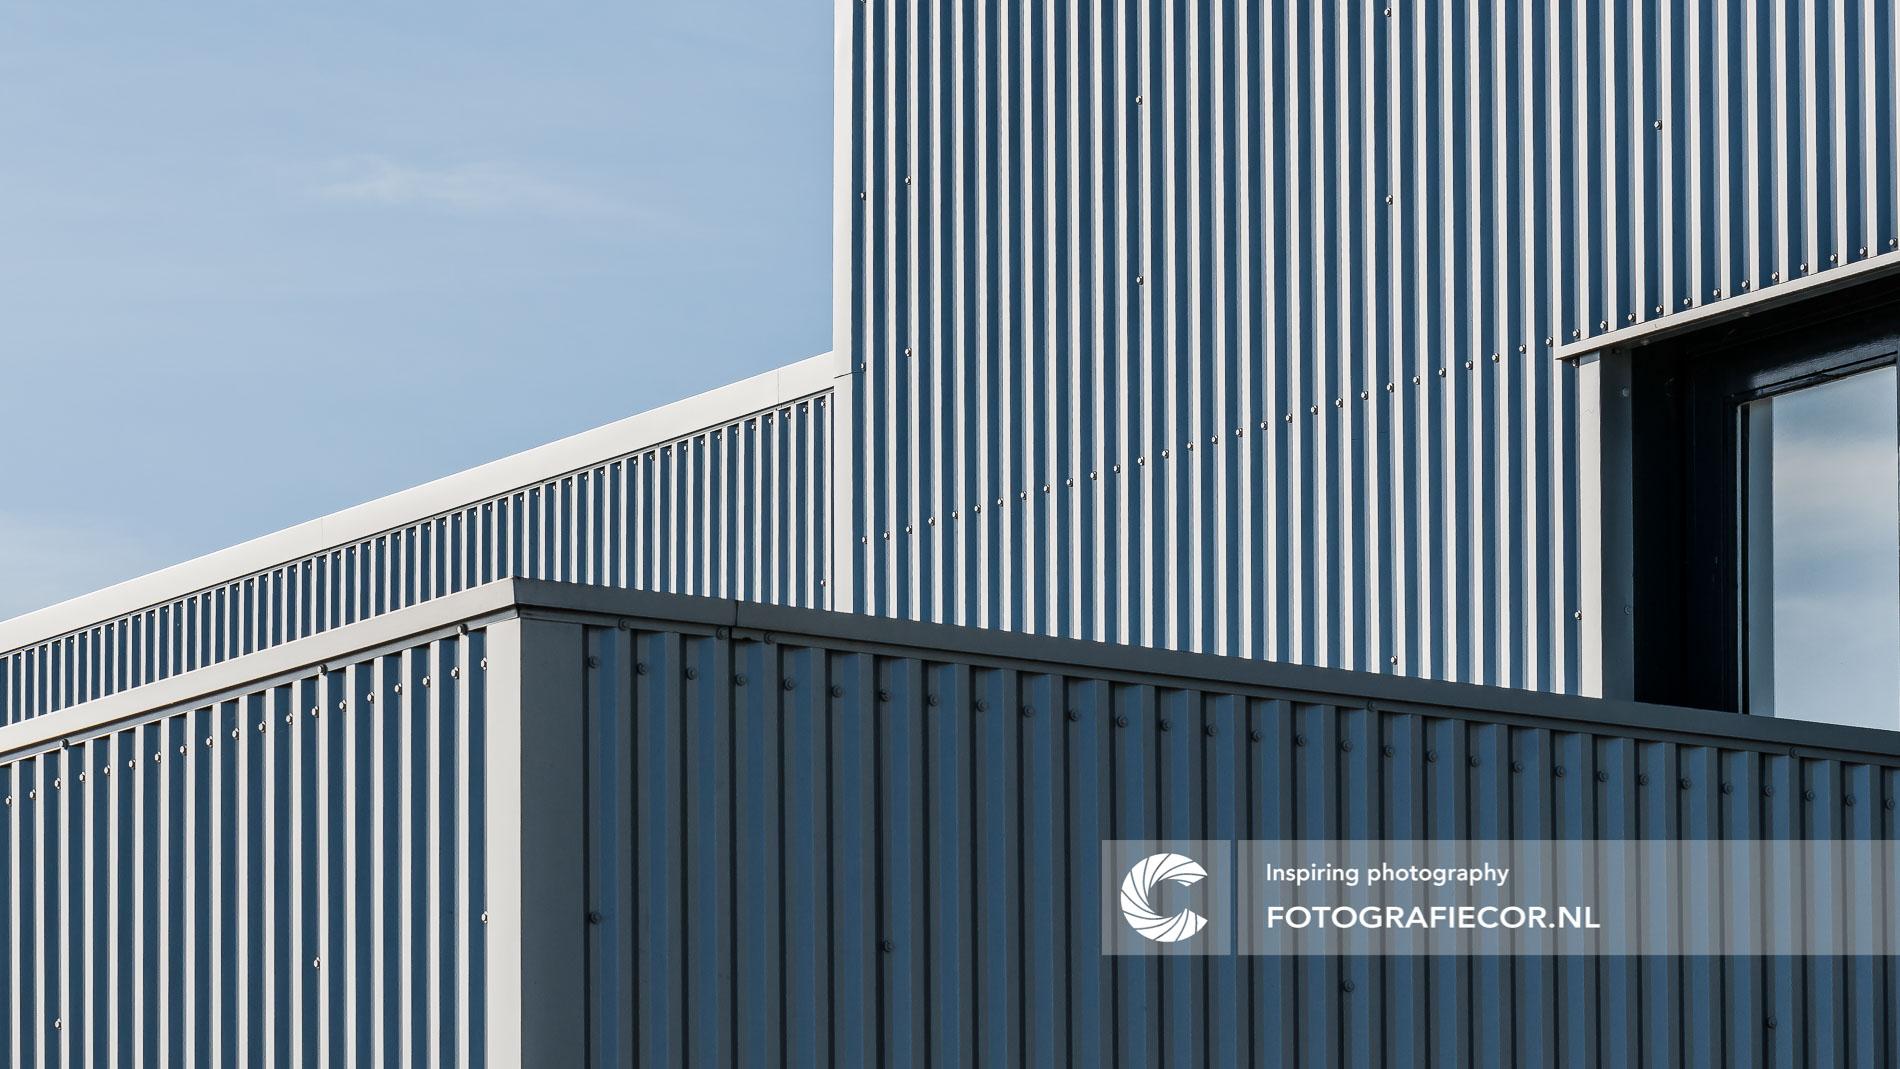 Lijnenspel industrieel gebouw | architectuurfotograaf